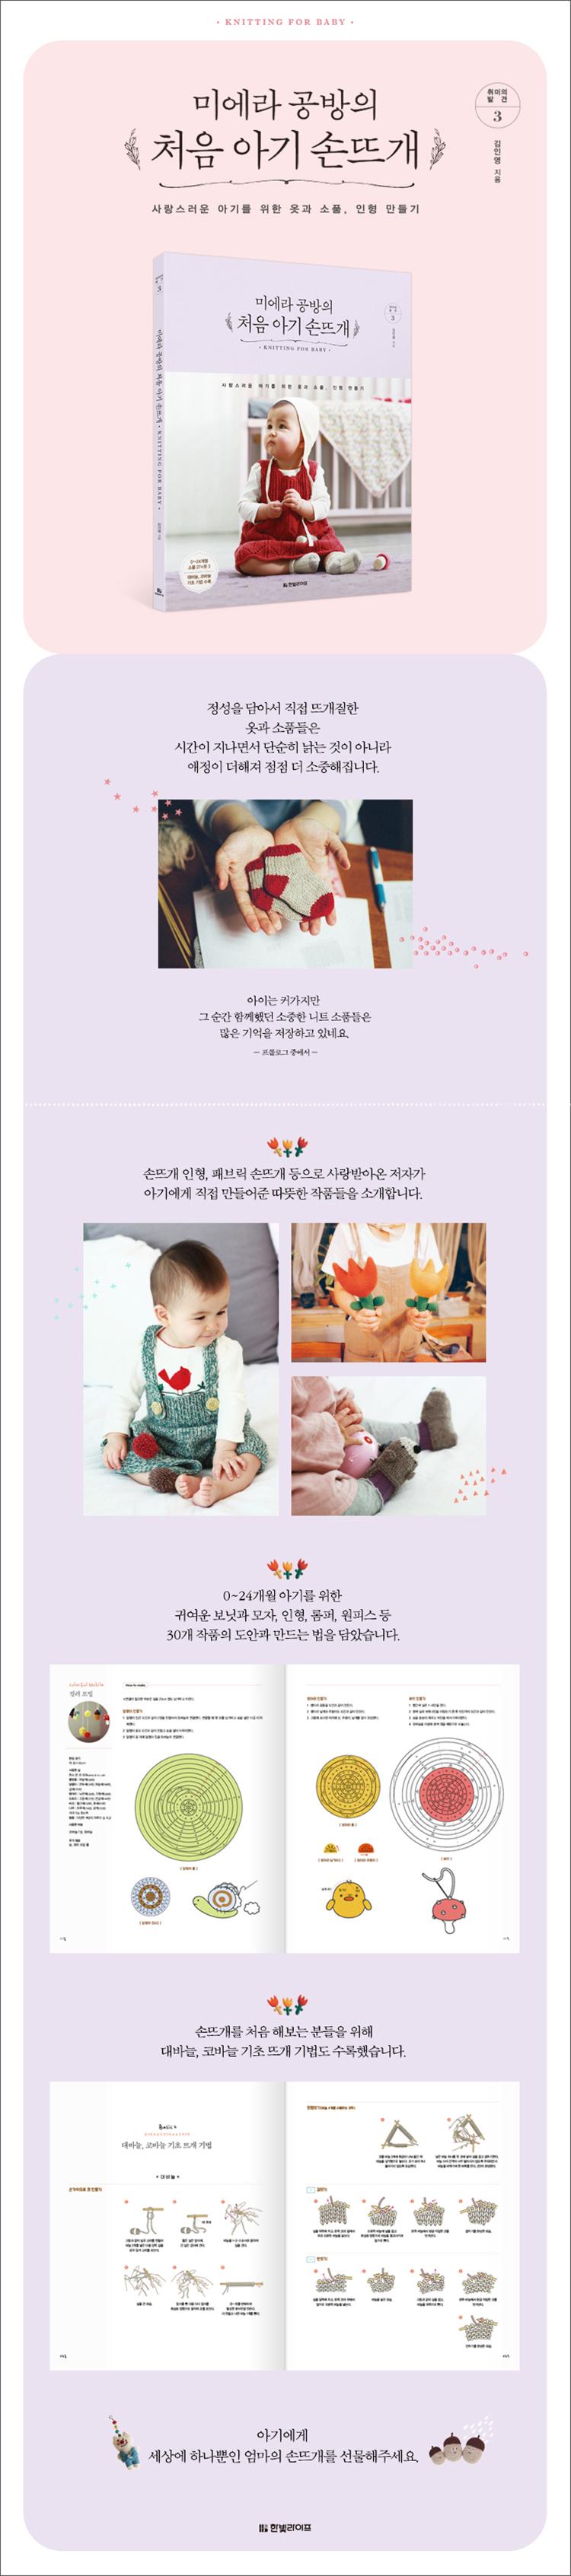 미에라 공방의 처음 아기 손뜨개_상세이미지_750.jpg